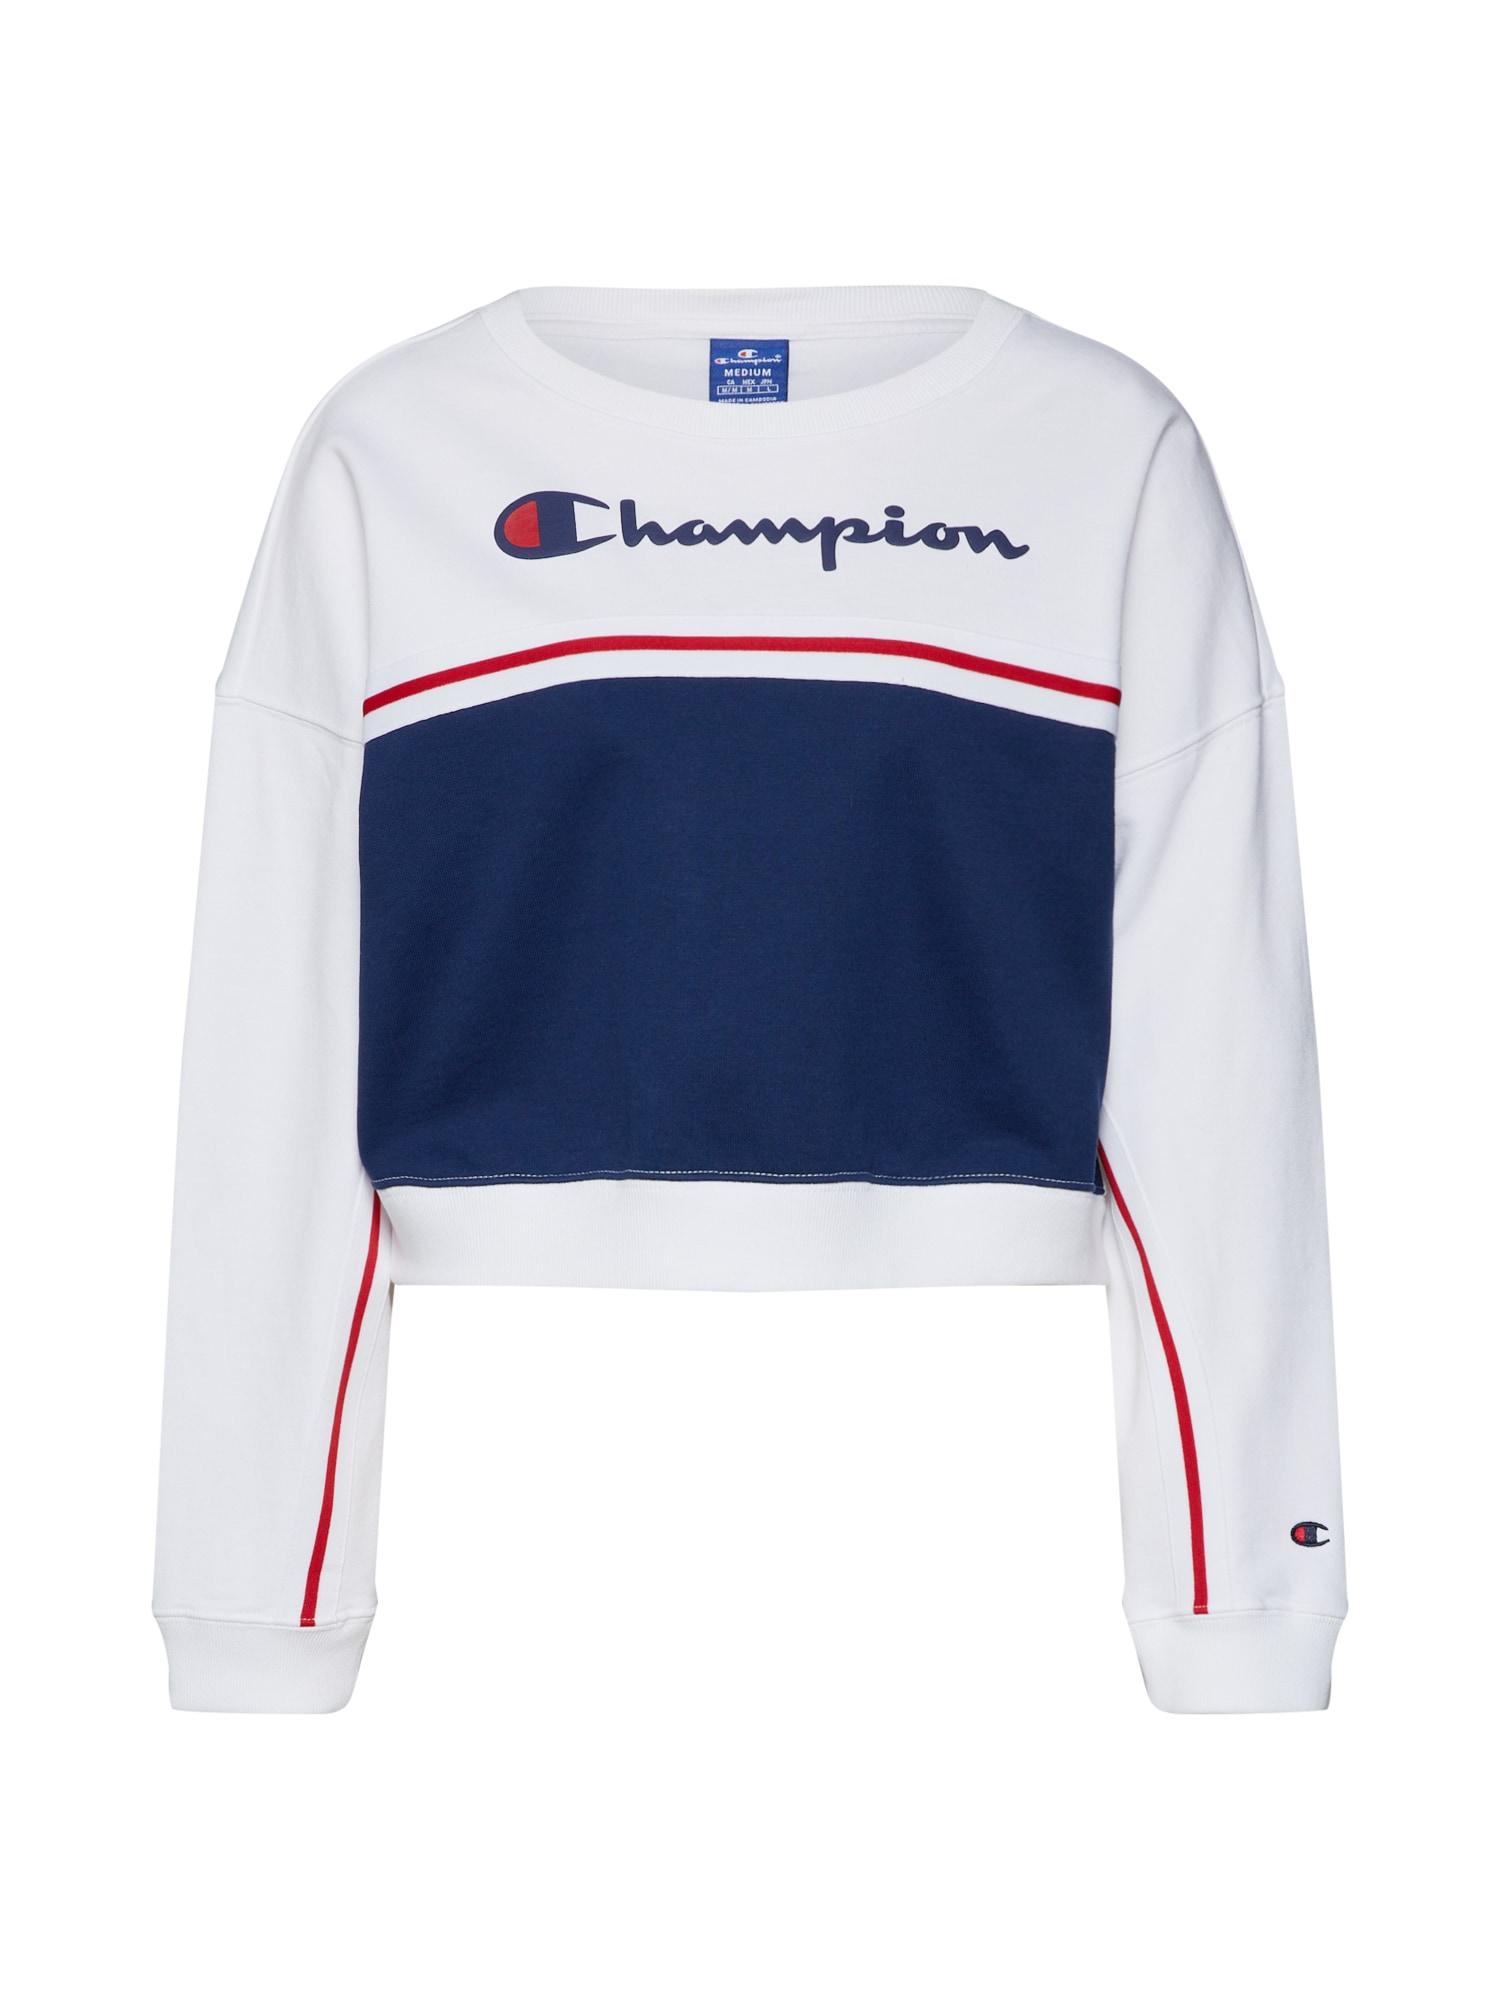 Mikina Rochester Crewneck námořnická modř bílá Champion Authentic Athletic Apparel